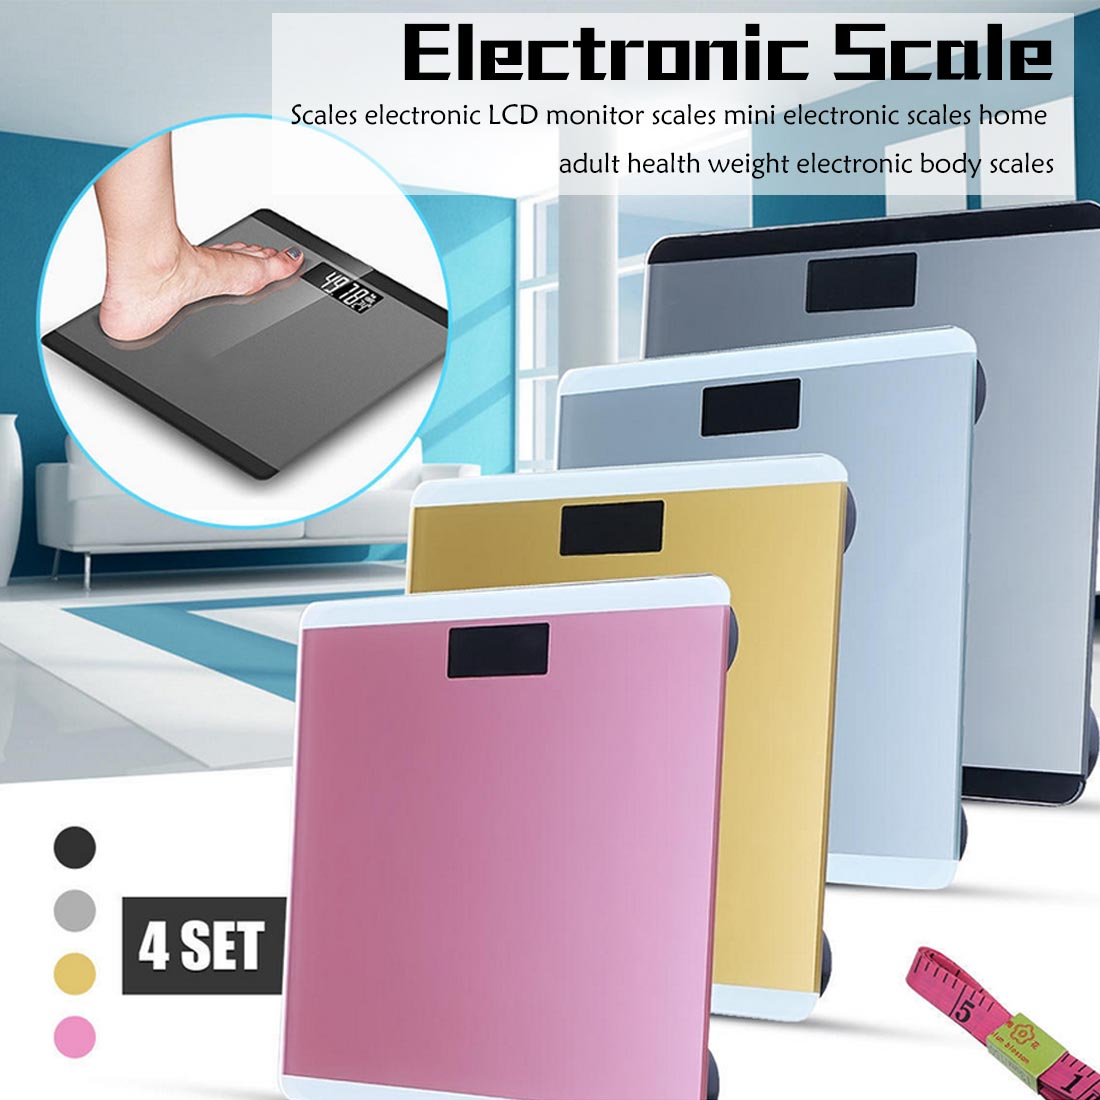 Balances électroniques pour le corps balances électroniques LCD balances pour moniteur mini balances électroniques pour la santé des adultes